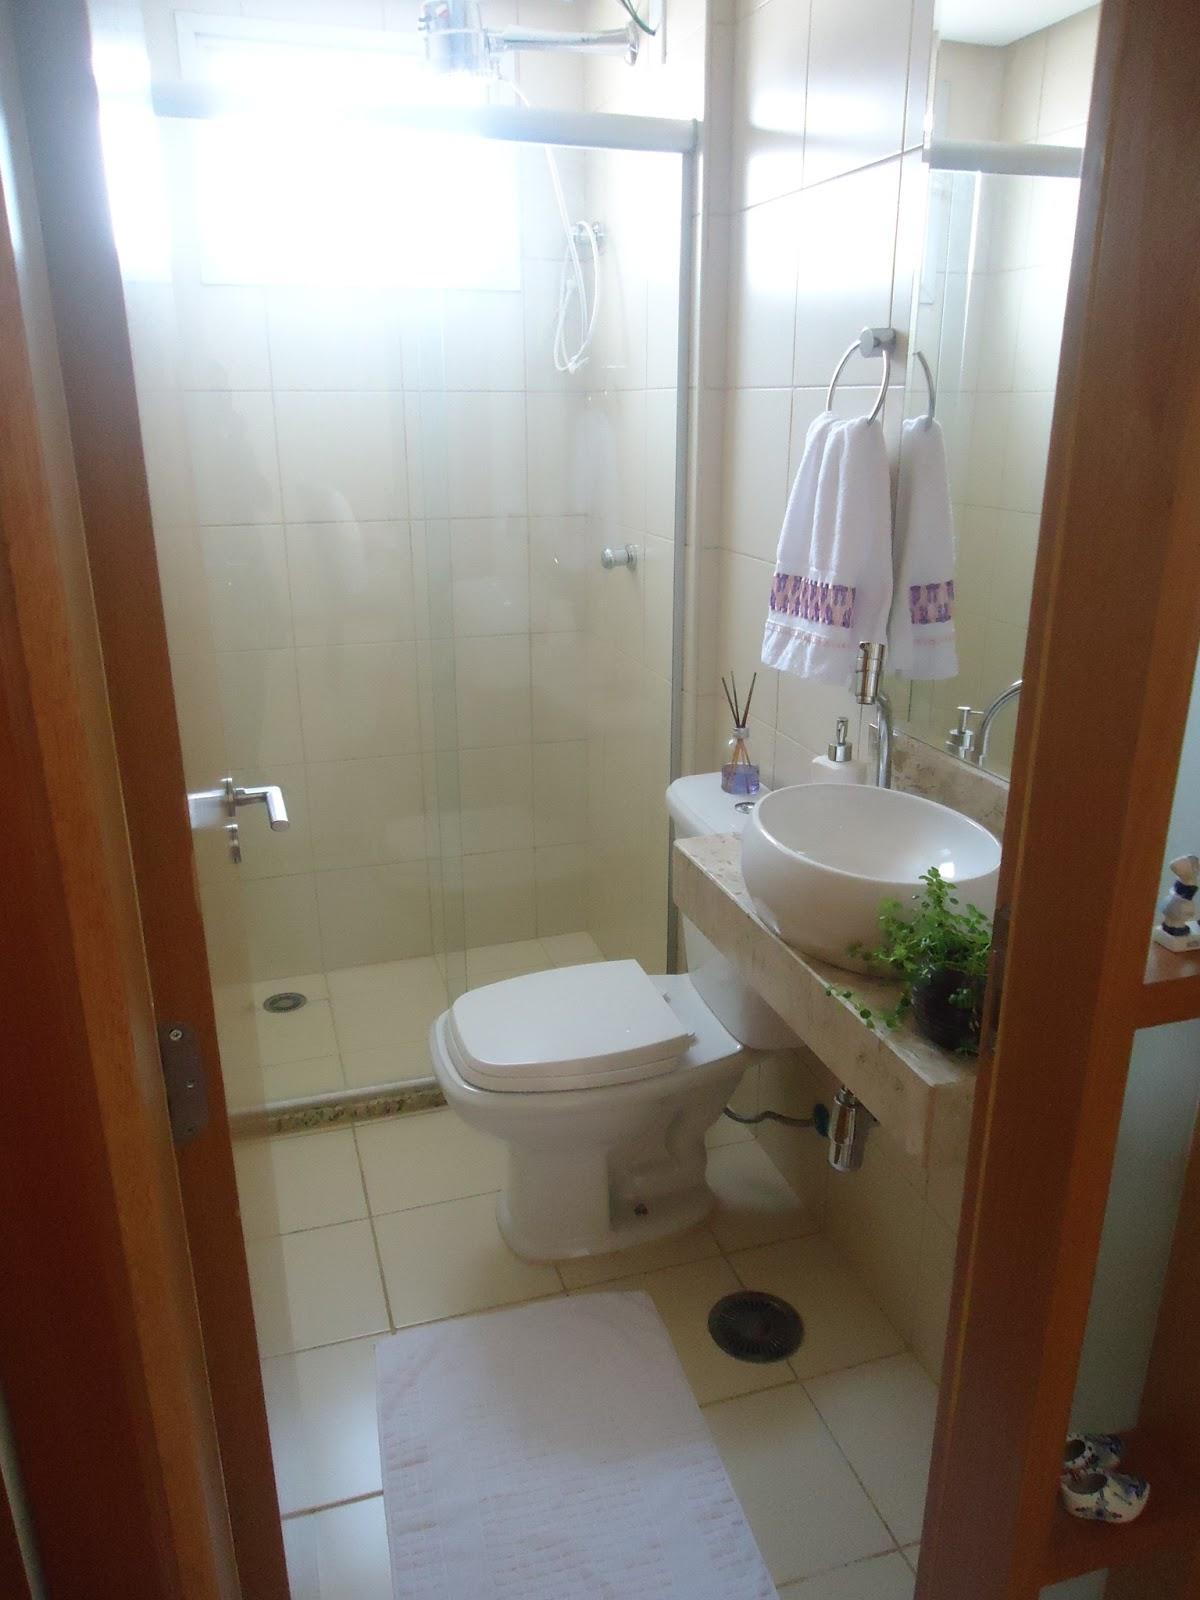 rodinha visto que facilita no momento de limpar. Também gostei da #432716 1200x1600 Armario Banheiro Com Rodinhas